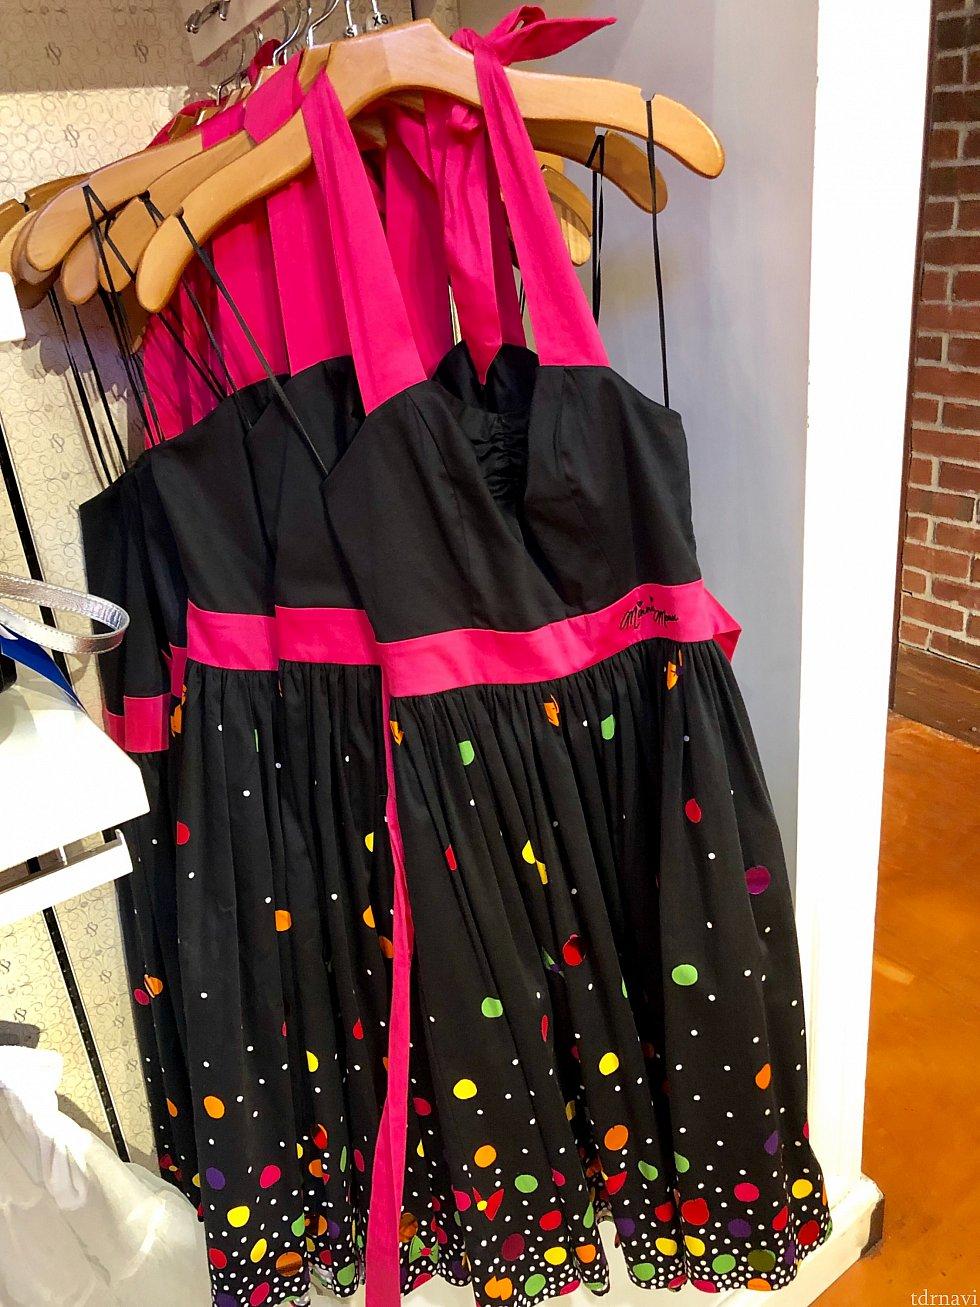 こちらはミニーがモチーフのドレスのようです。